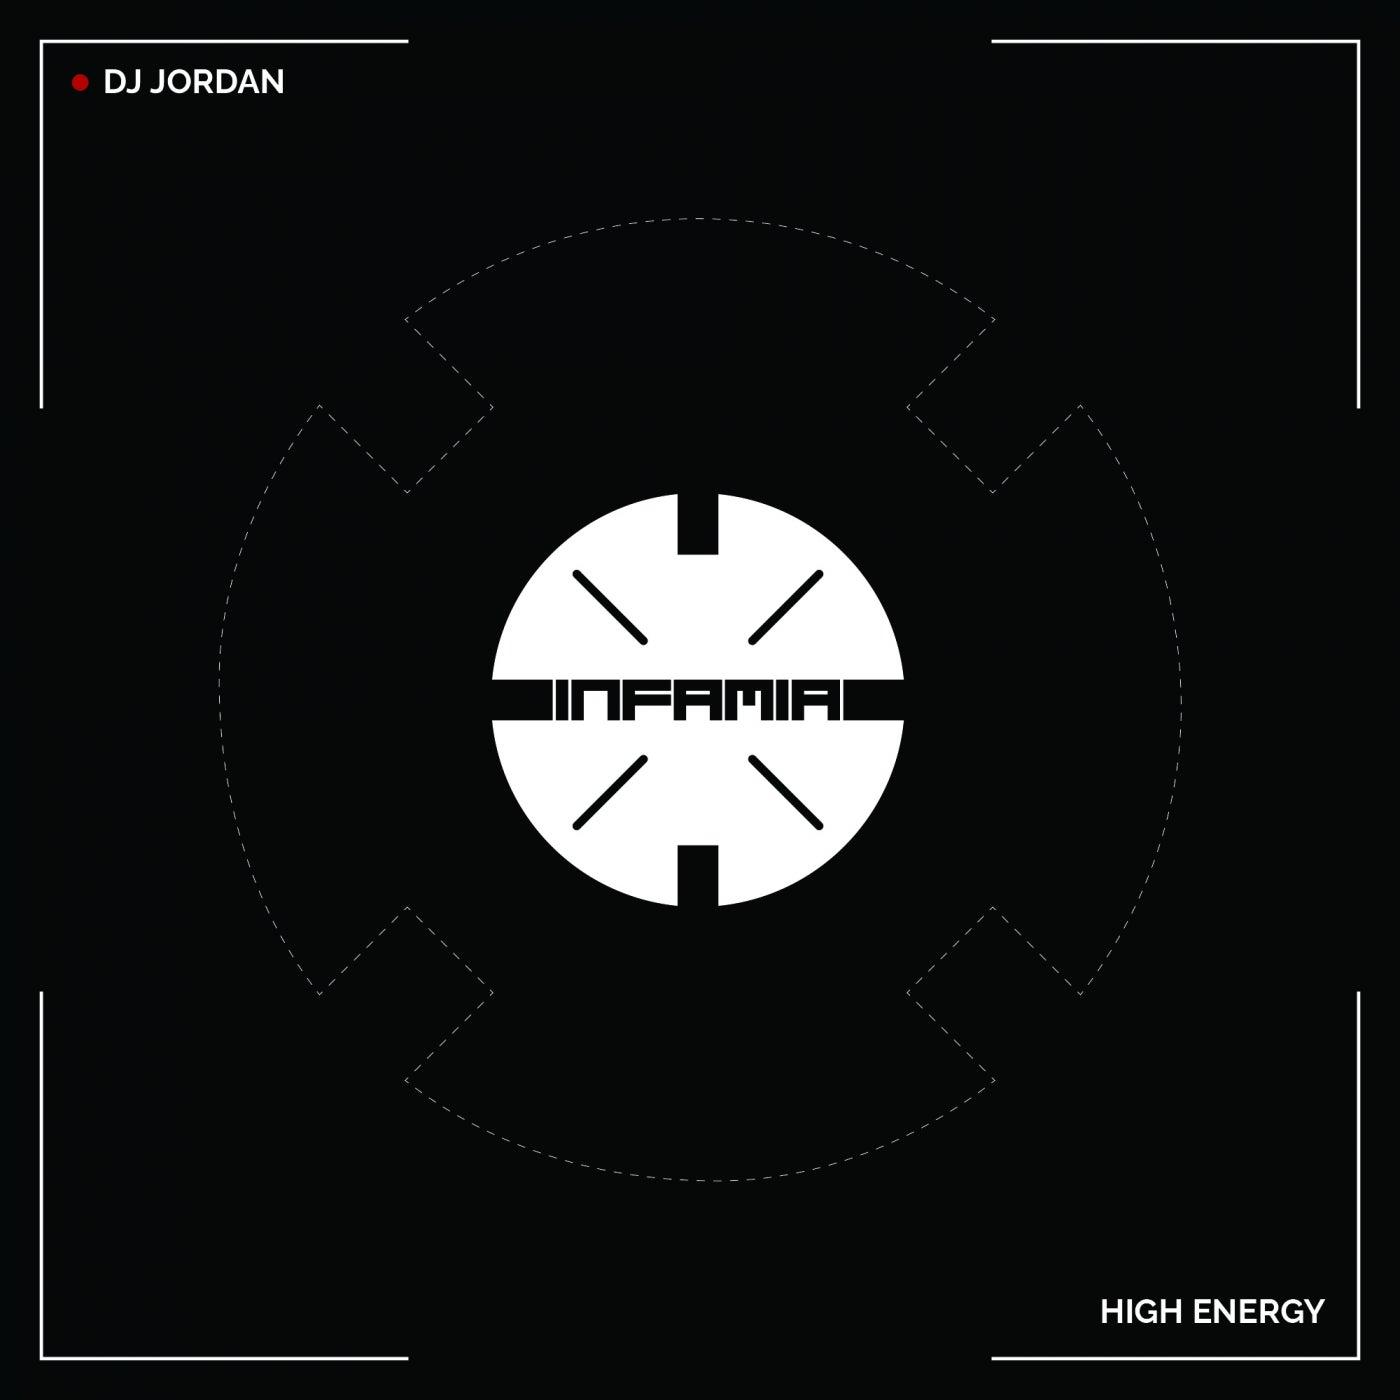 High Energy (Original Mix)